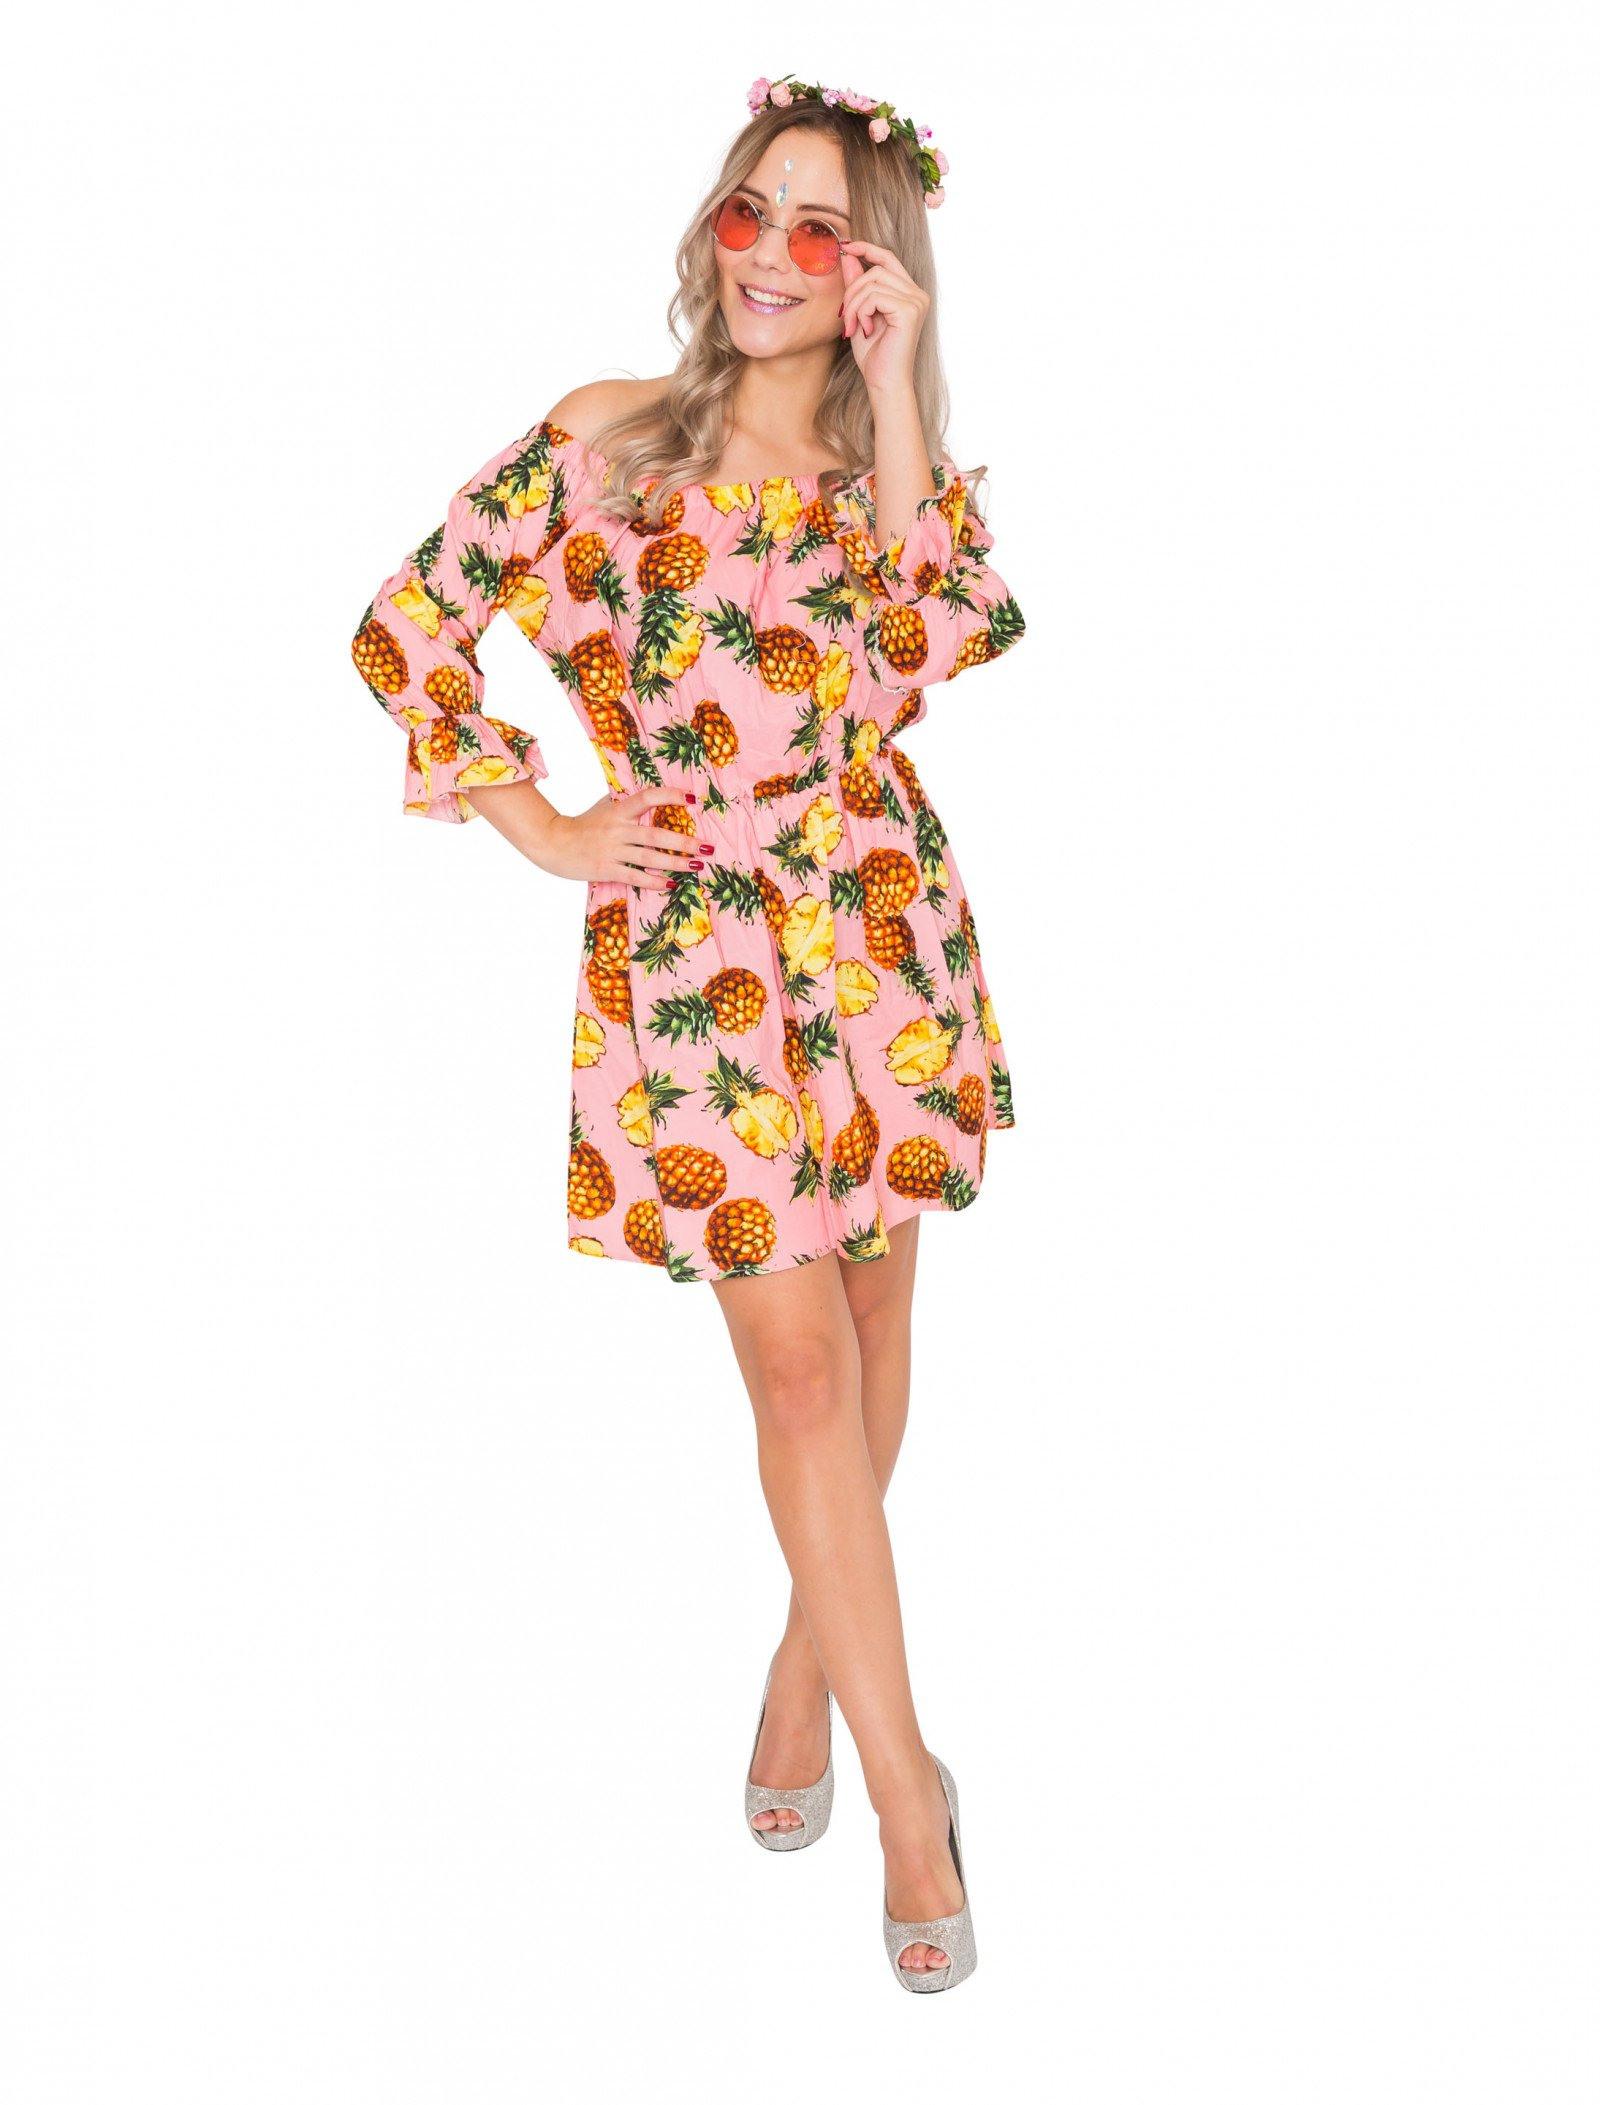 Kleid Ananas Pink Für Karneval  Fasching Kaufen » Deiters